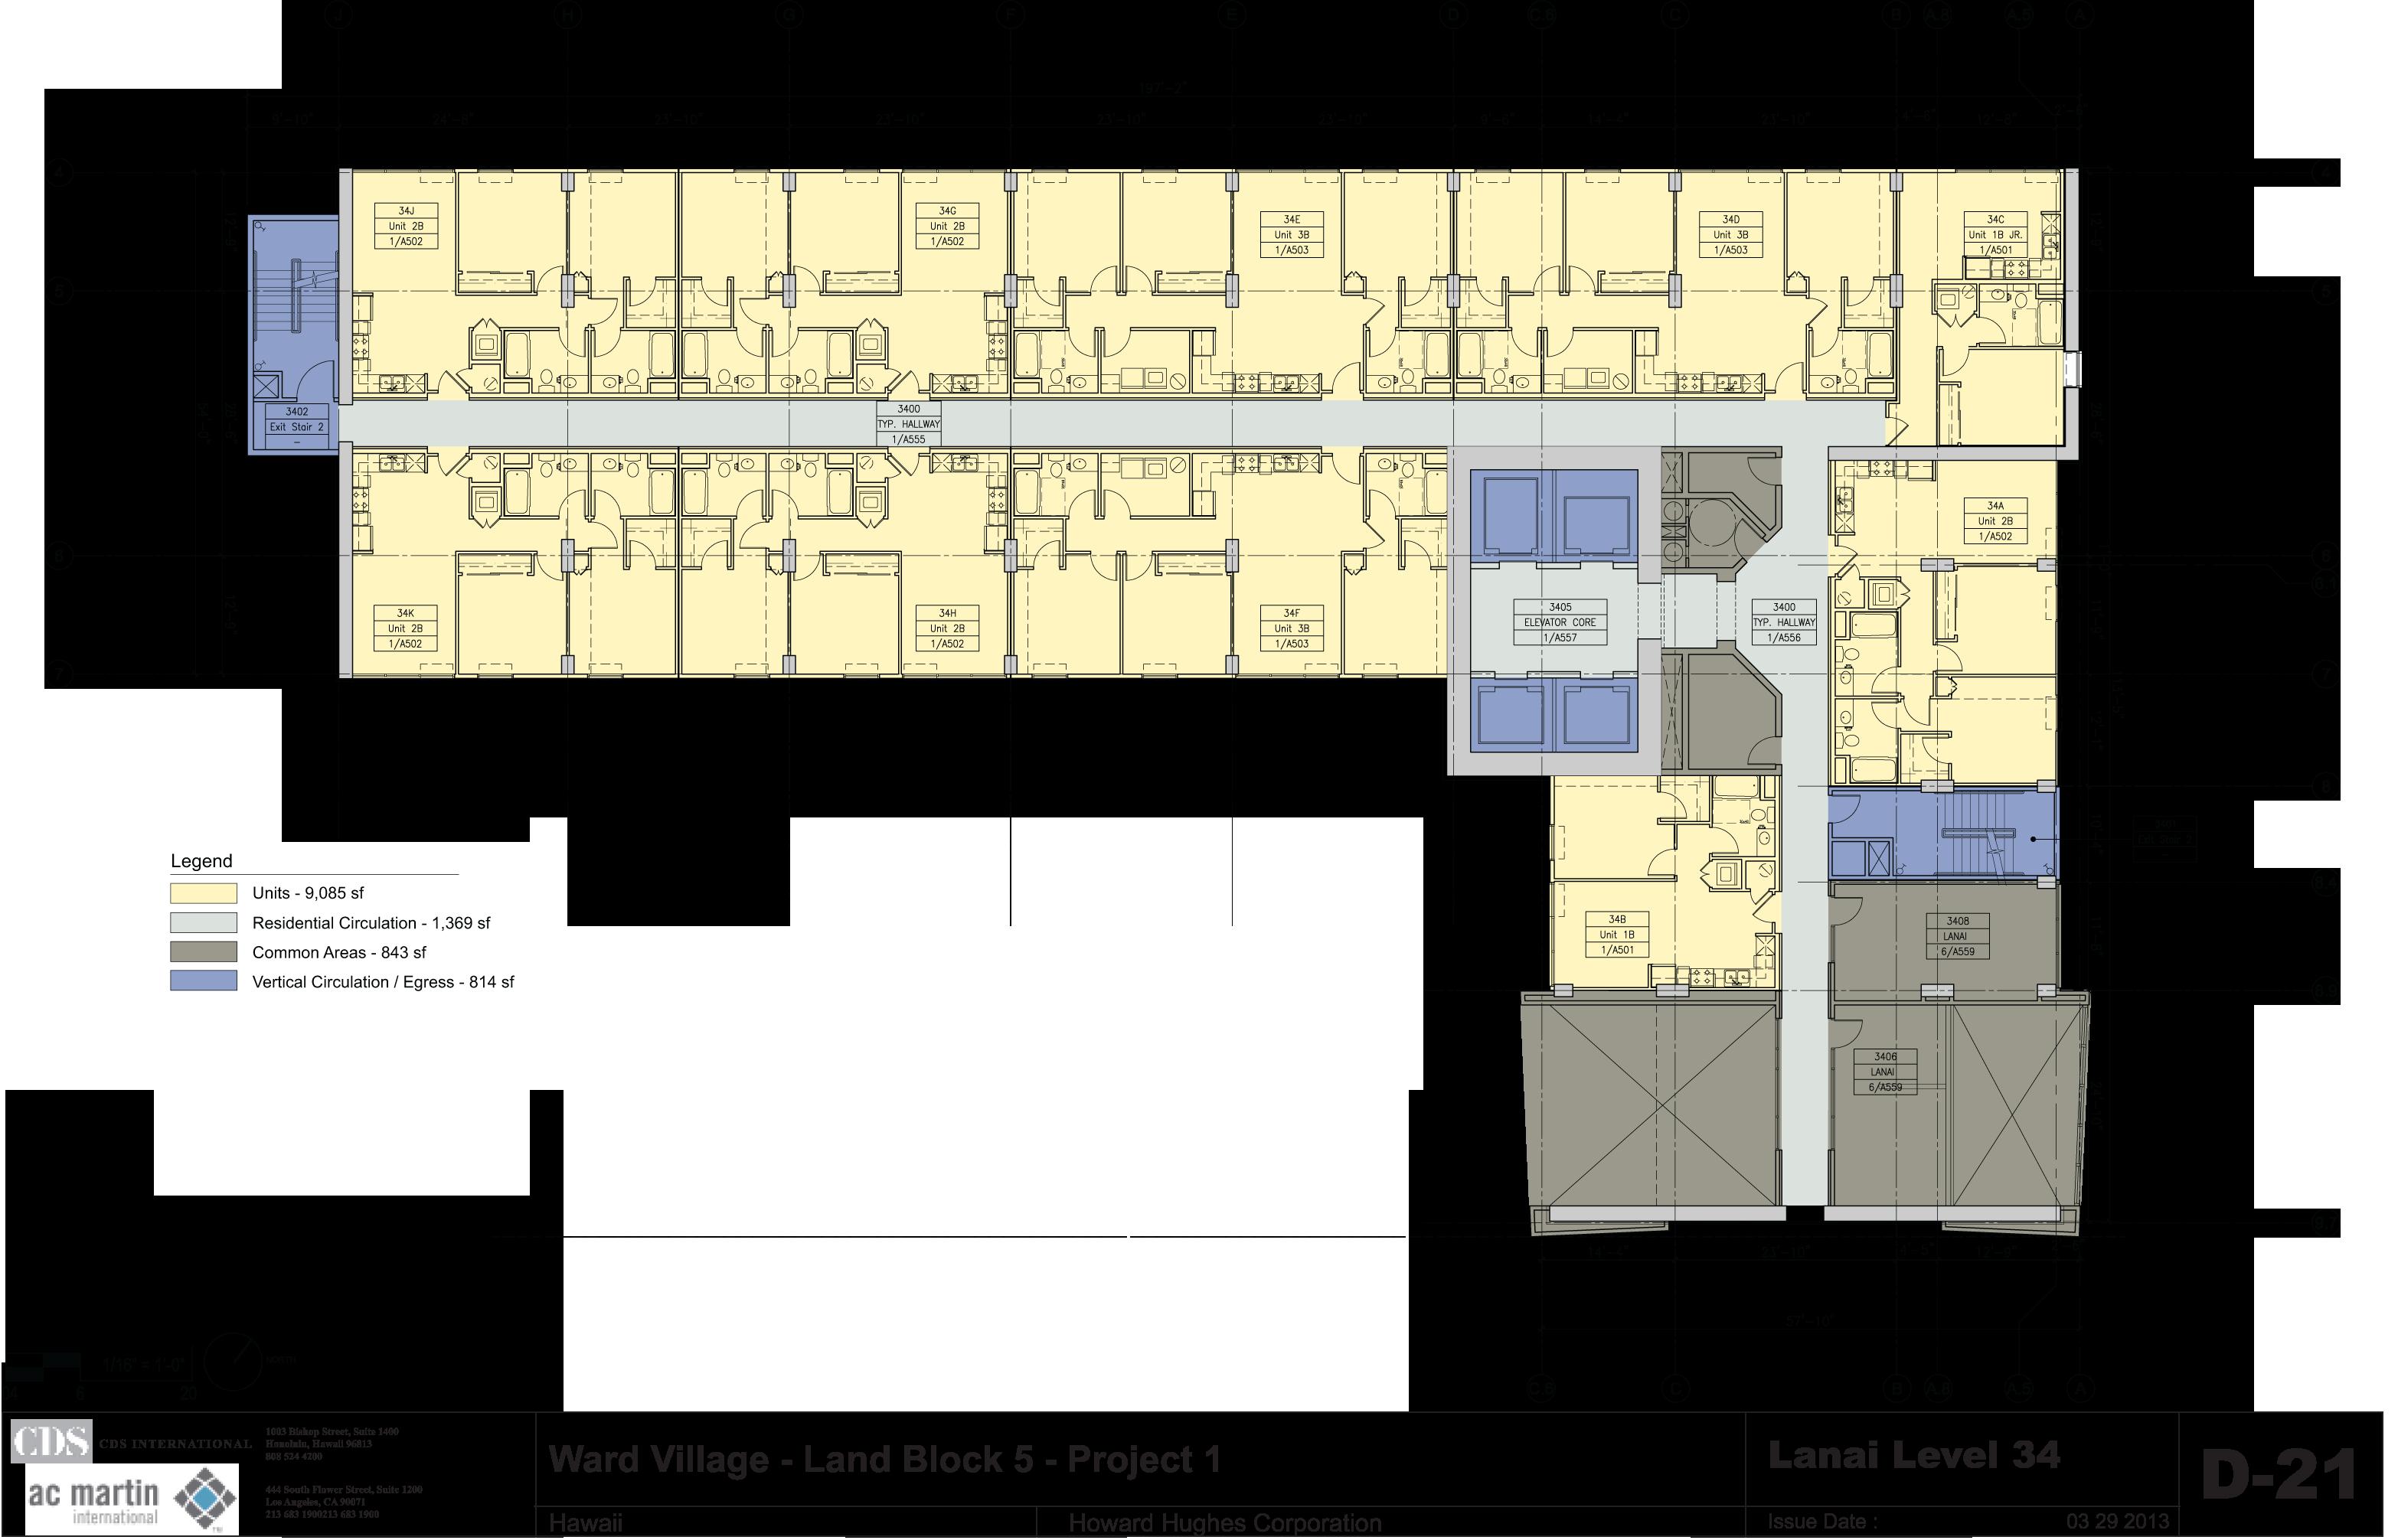 404-Ward Floor 34